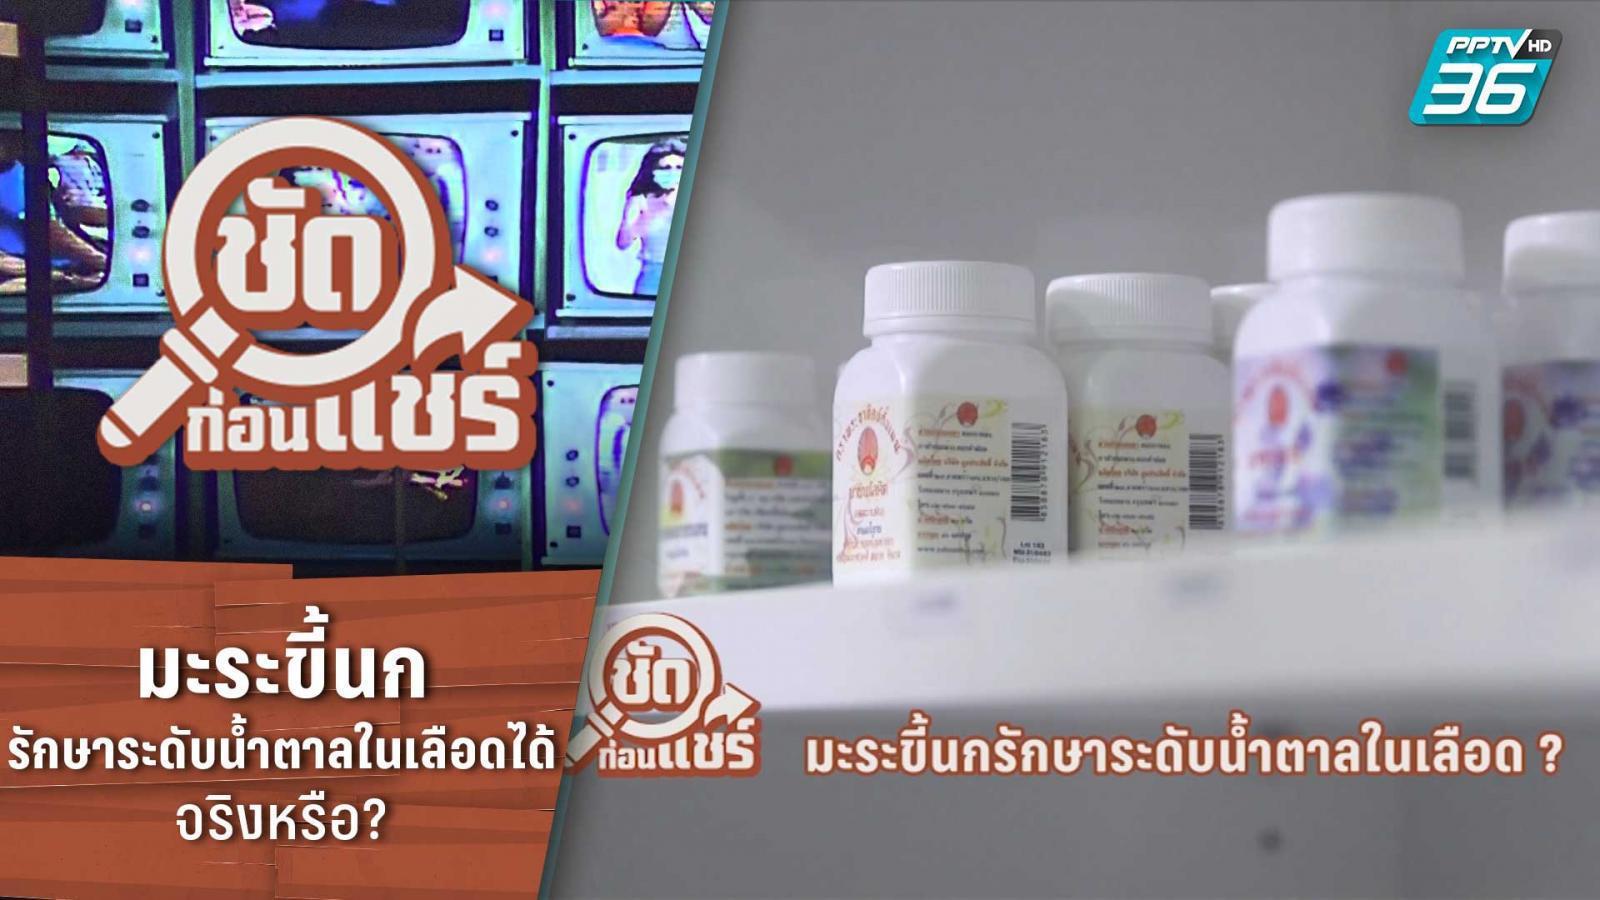 ชัดก่อนแชร์ | มะระขี้นกรักษาระดับน้ำตาลในเลือดได้ จริงหรือ? | PPTV HD 36